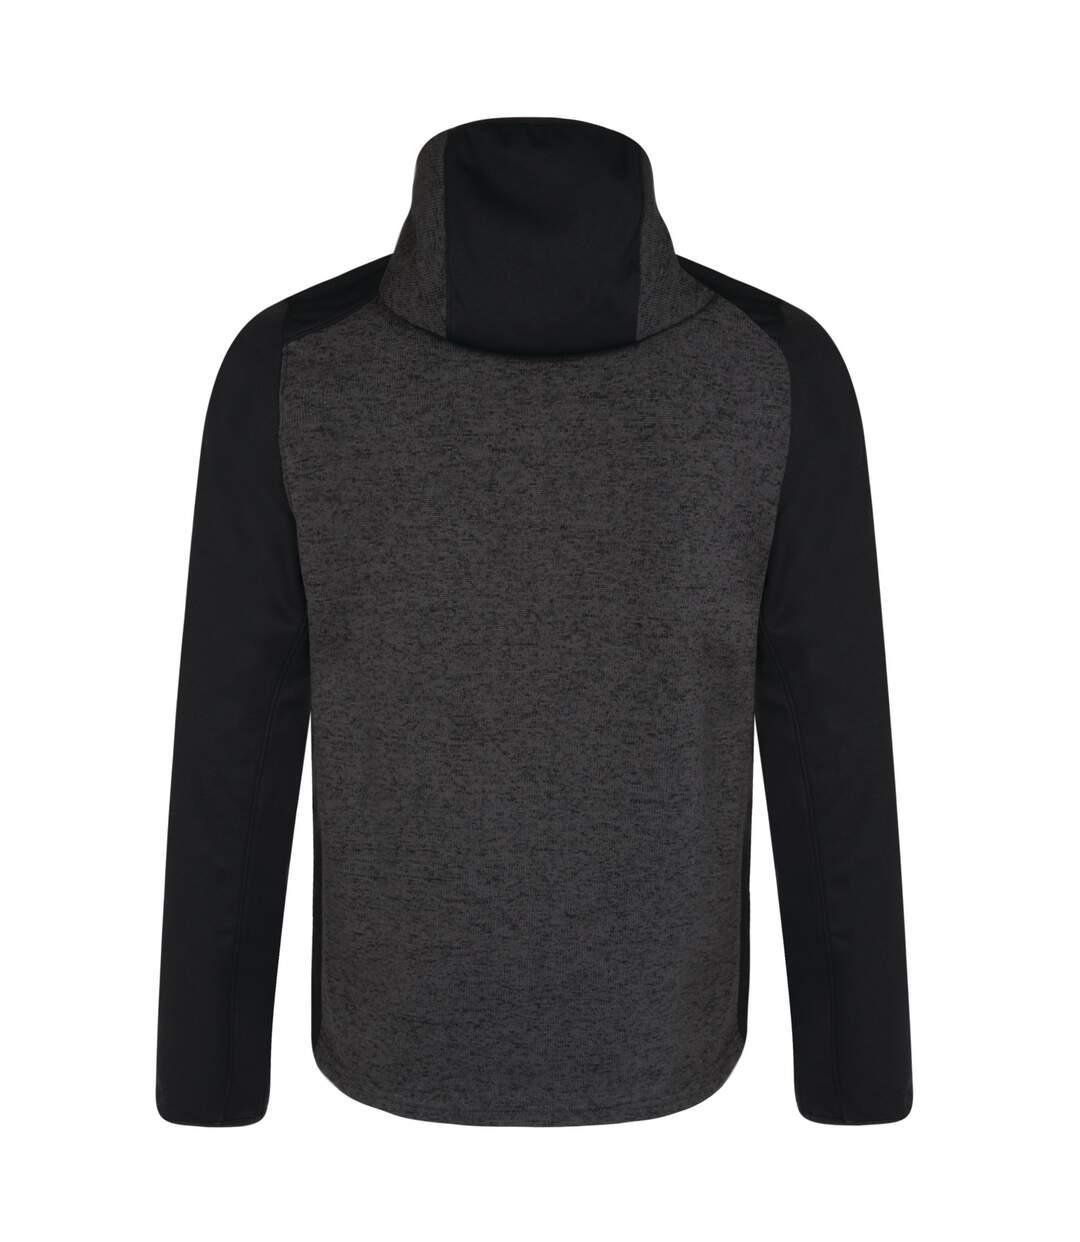 Dare 2B - Veste Softshell Hybride Igneous - Homme (Gris foncé/noir) - UTRG3907